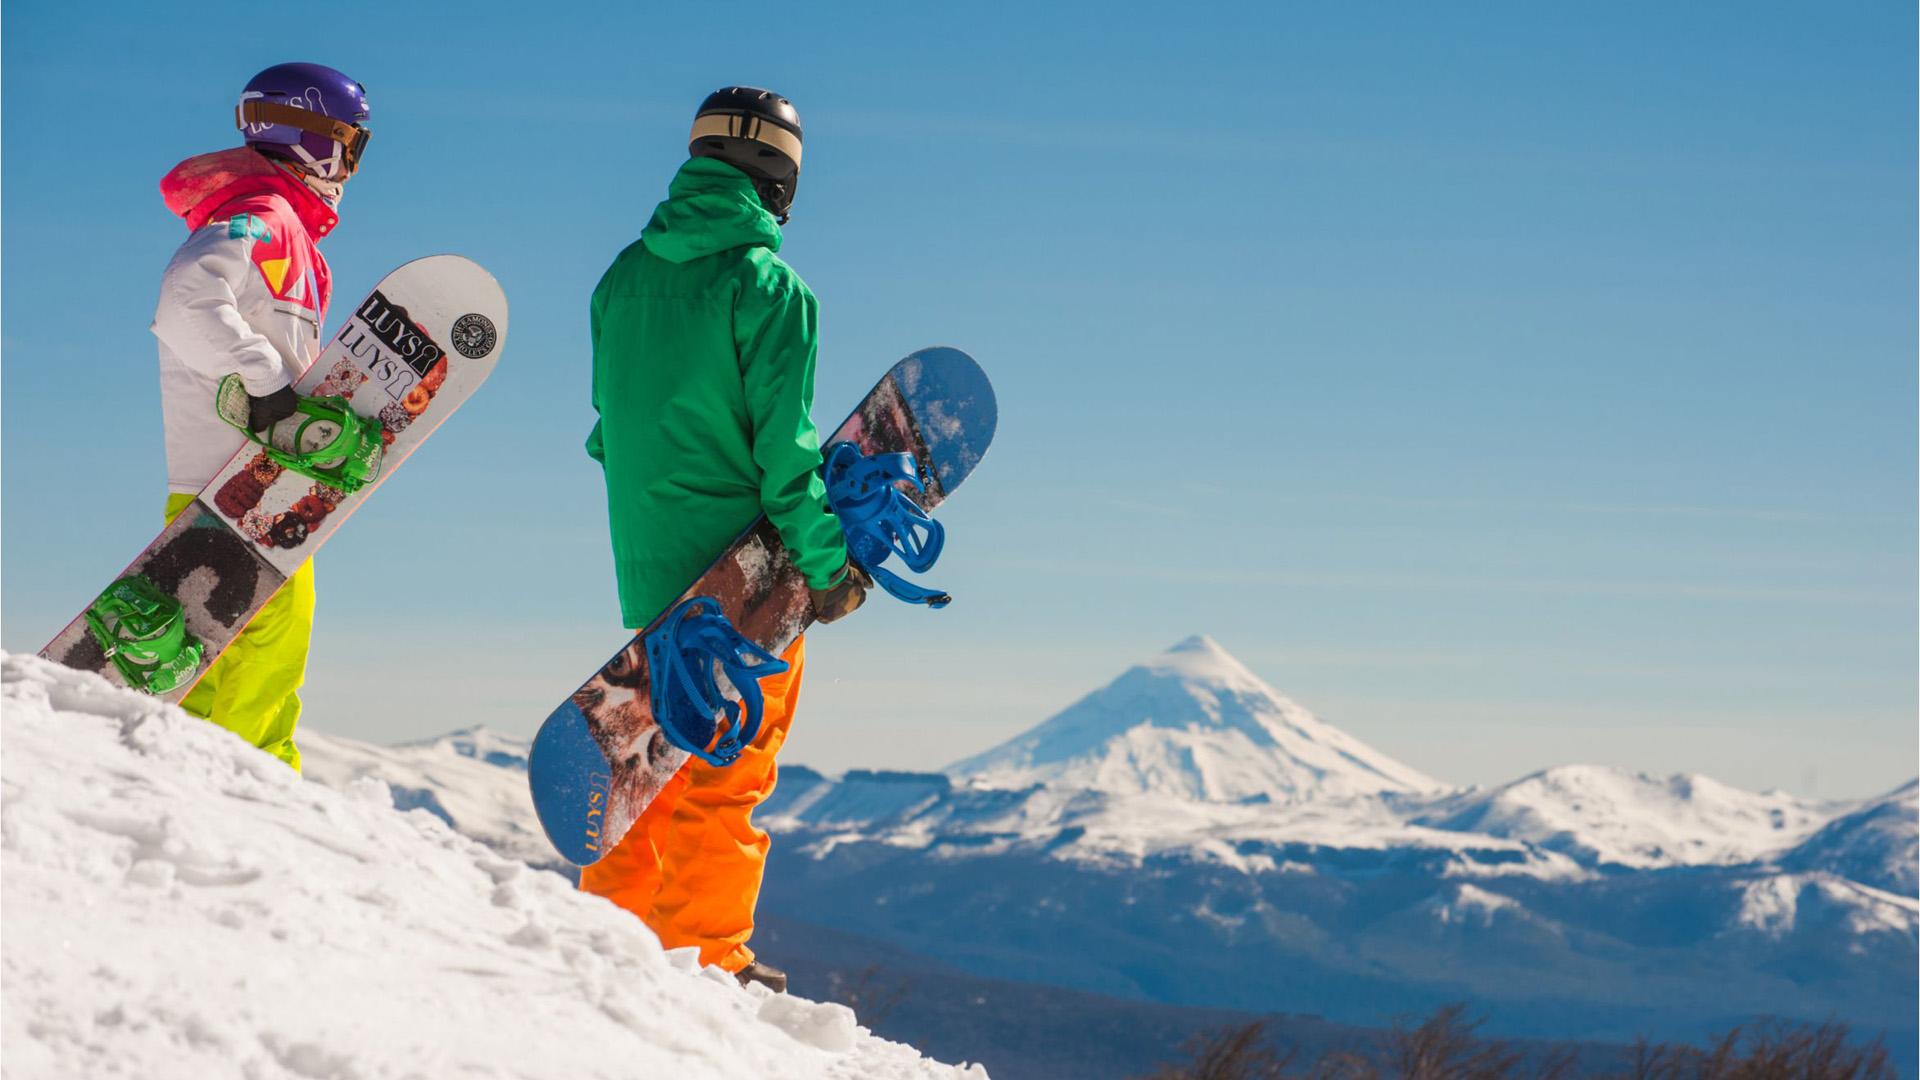 El inverno es el fuerte de la Patagonia en donde la gente aprovecha la temporada de nieve para ir a esquiar y disfrutar de la gastronomía de la región.